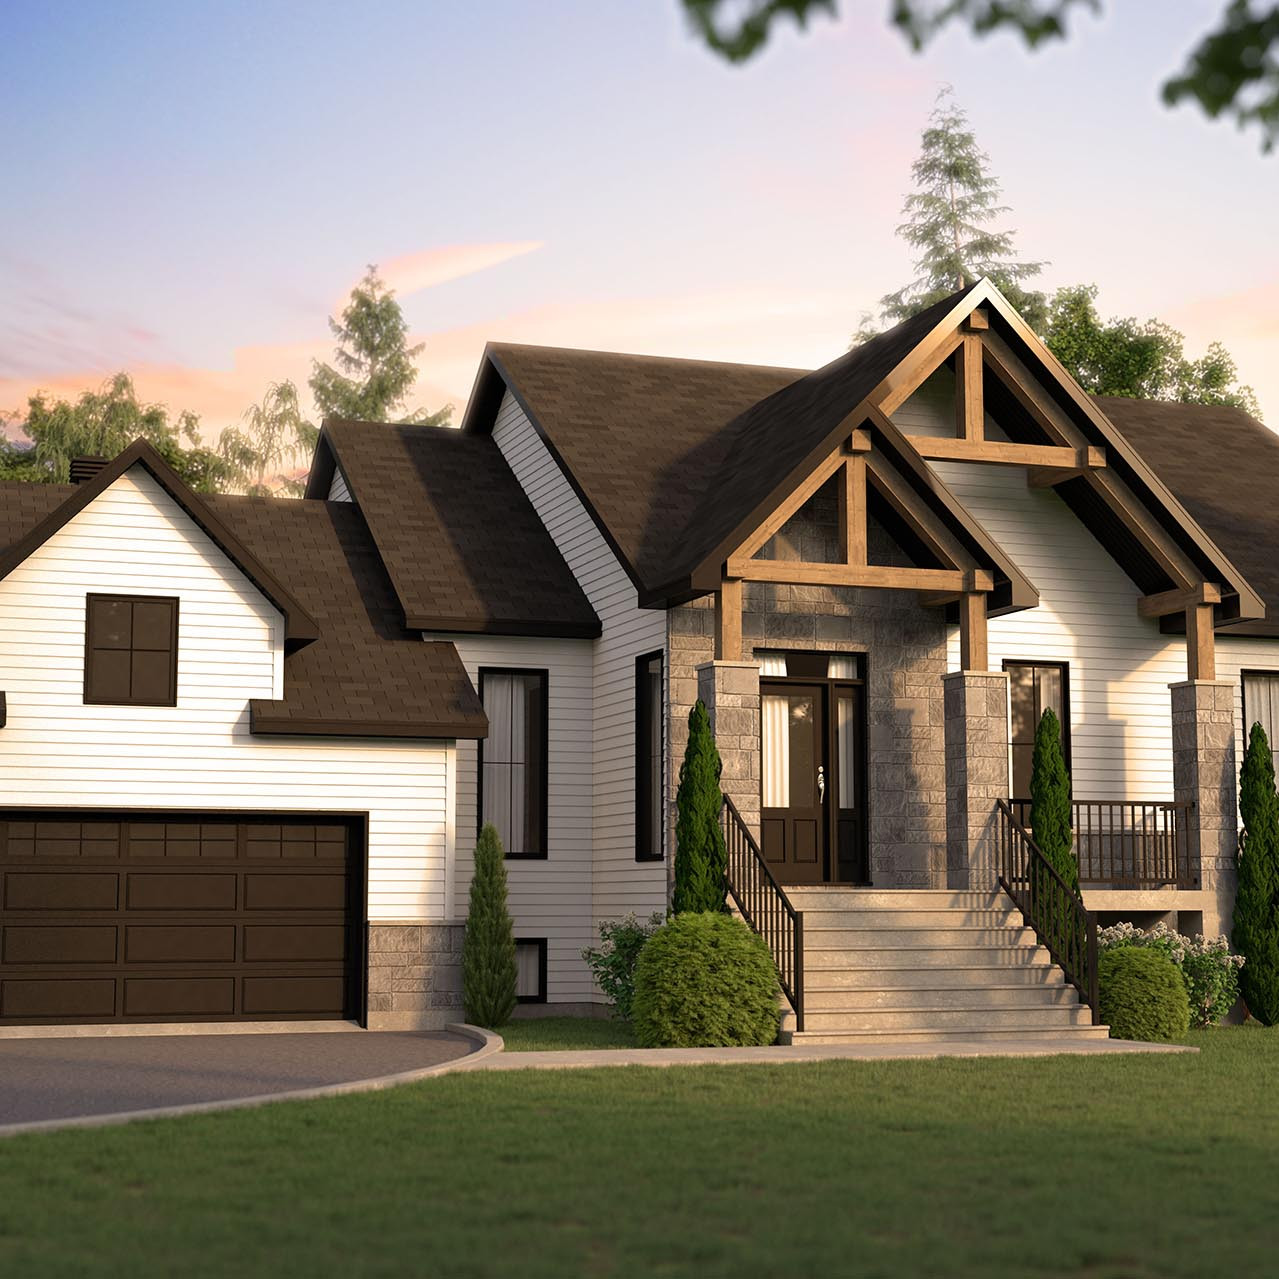 conception plan de maison farmhouse champêtre vue extérieure